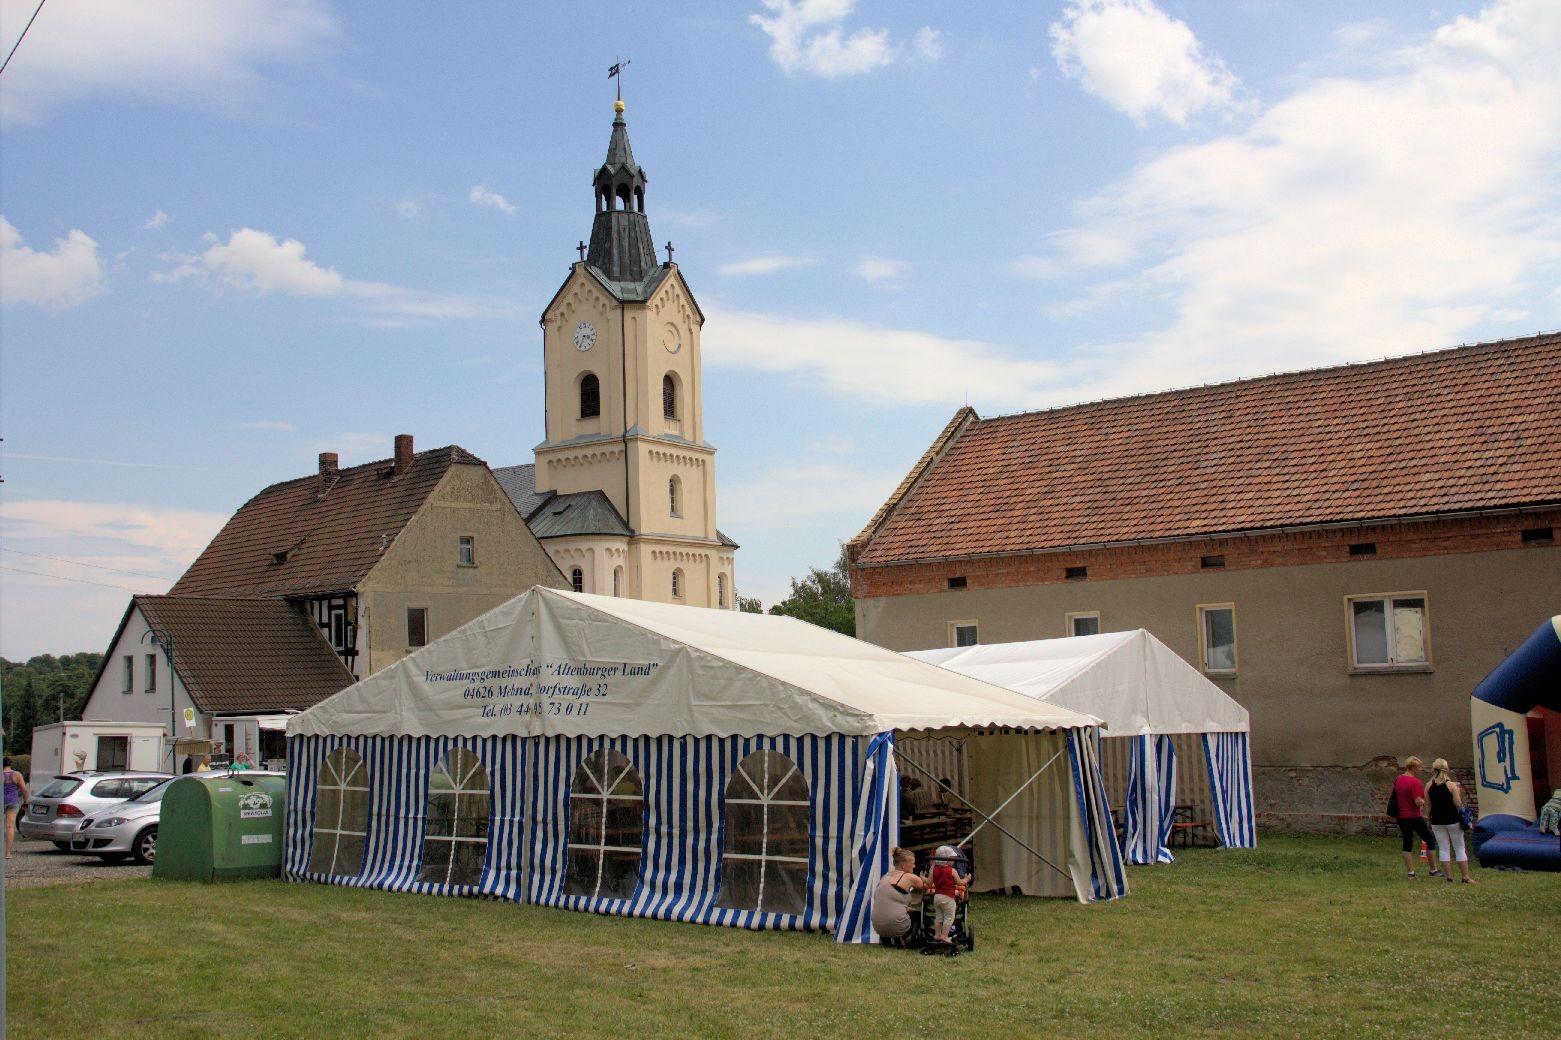 Vor der Kirche ist das Festzelt aufgebaut